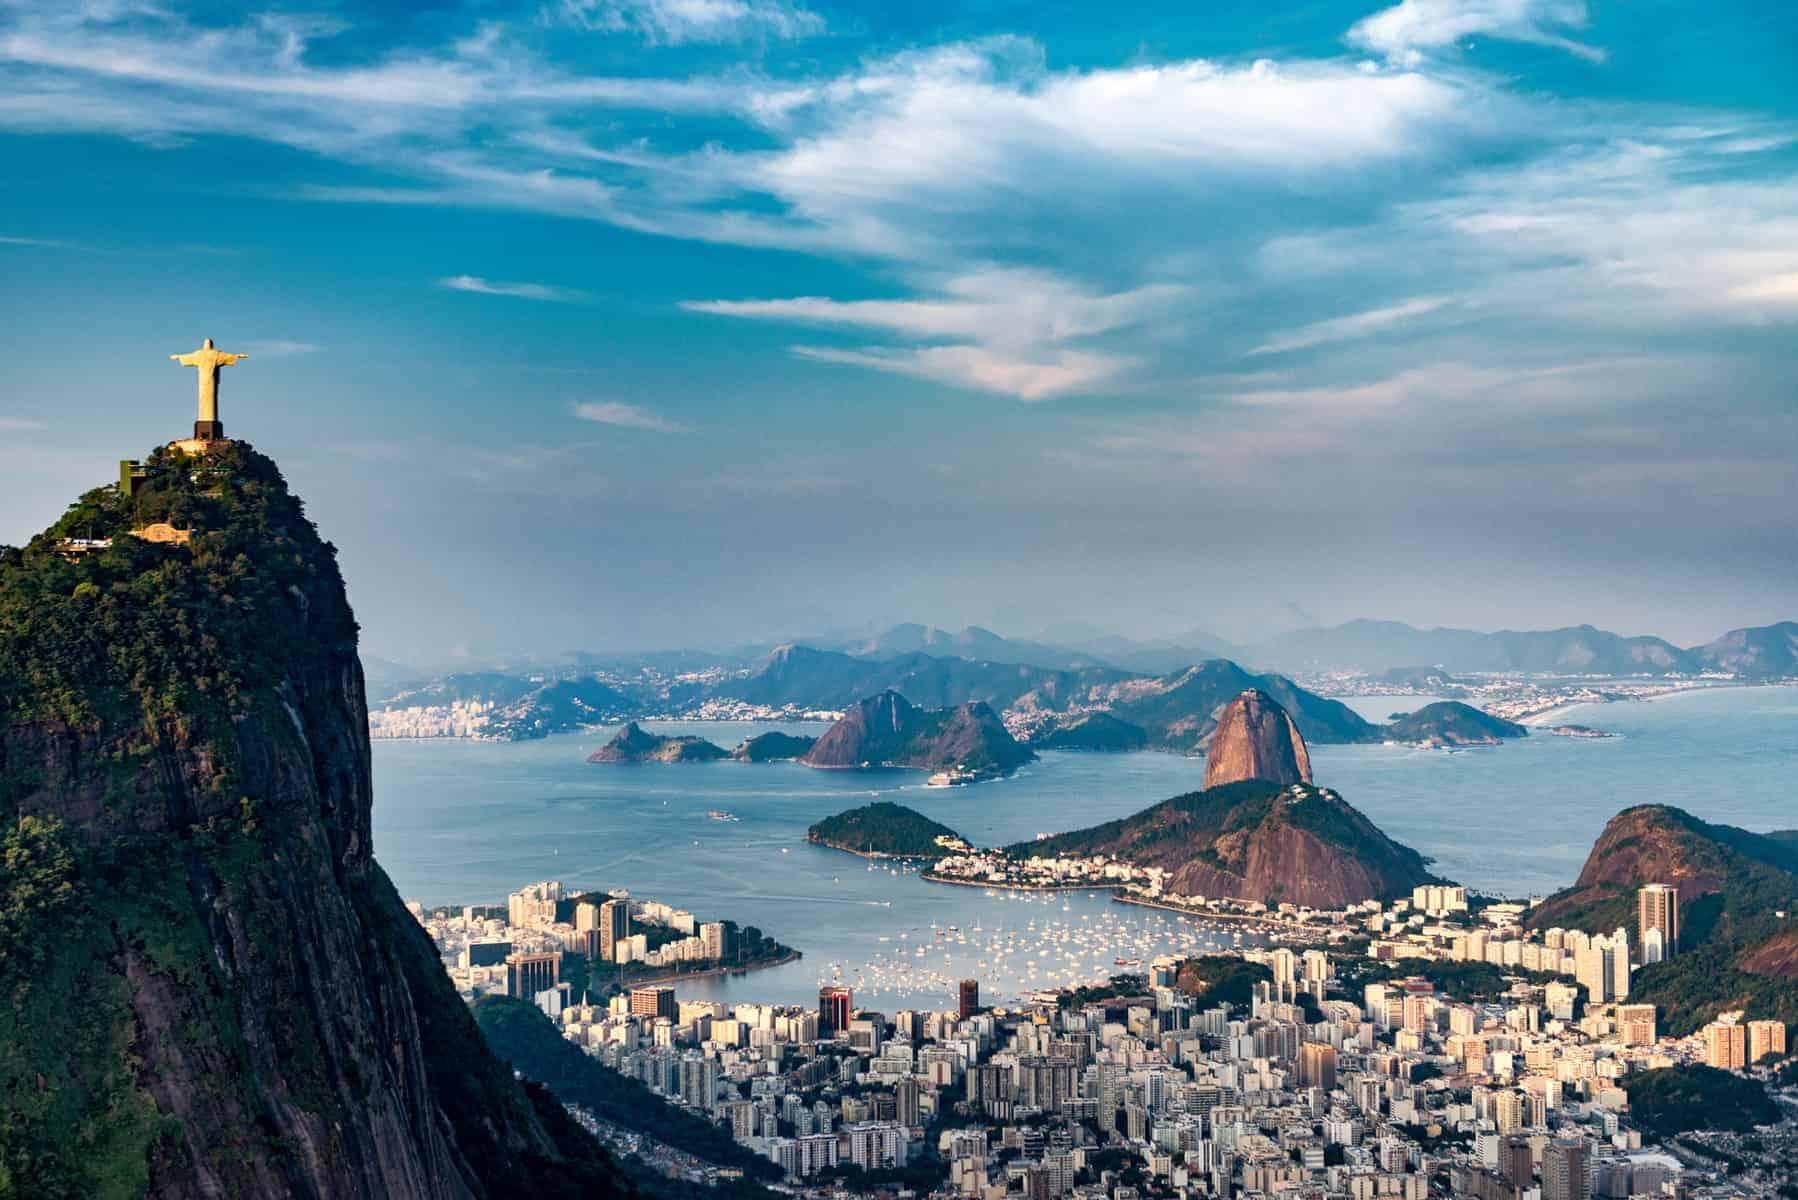 Rio De Janeiro. Corcovado bjerget med statuen af Kristus, samt udsyn over Botafogo, Sugarloaf mountain.